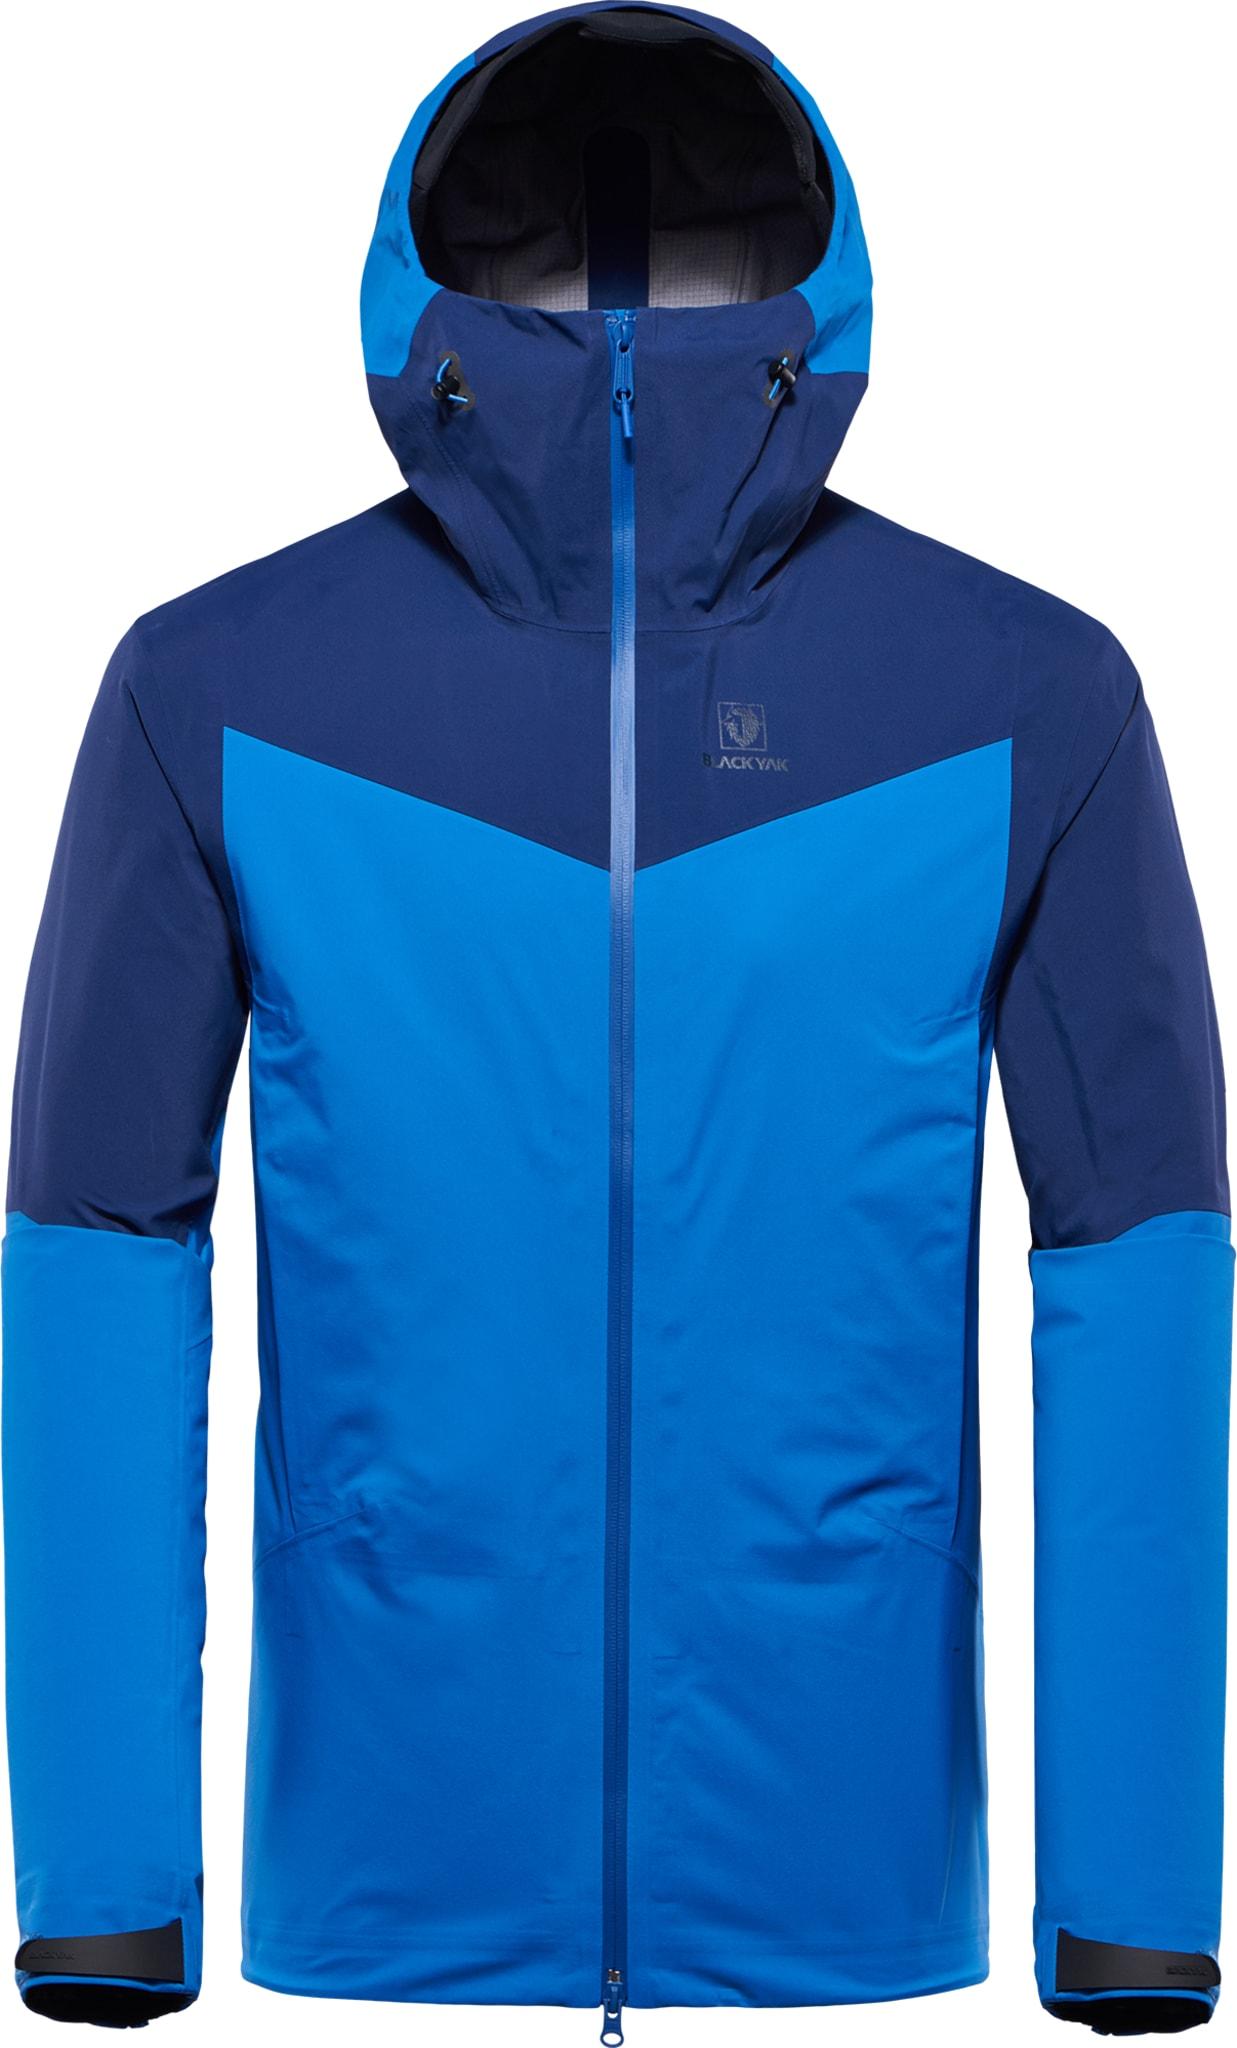 Barzona Jacket Ms